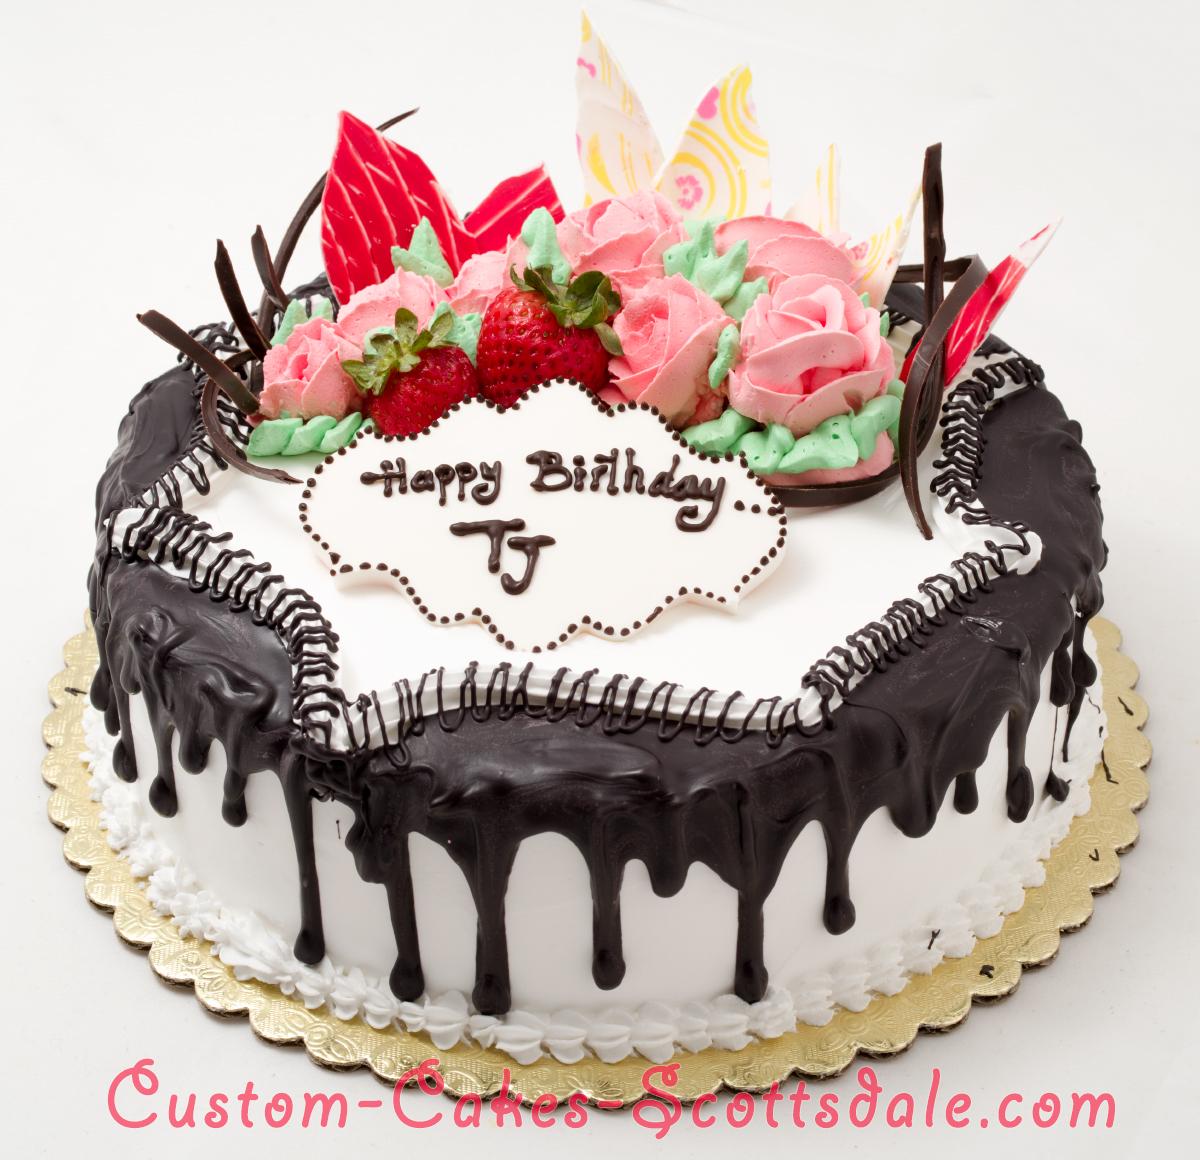 Birthday Cakes Scottsdale Az